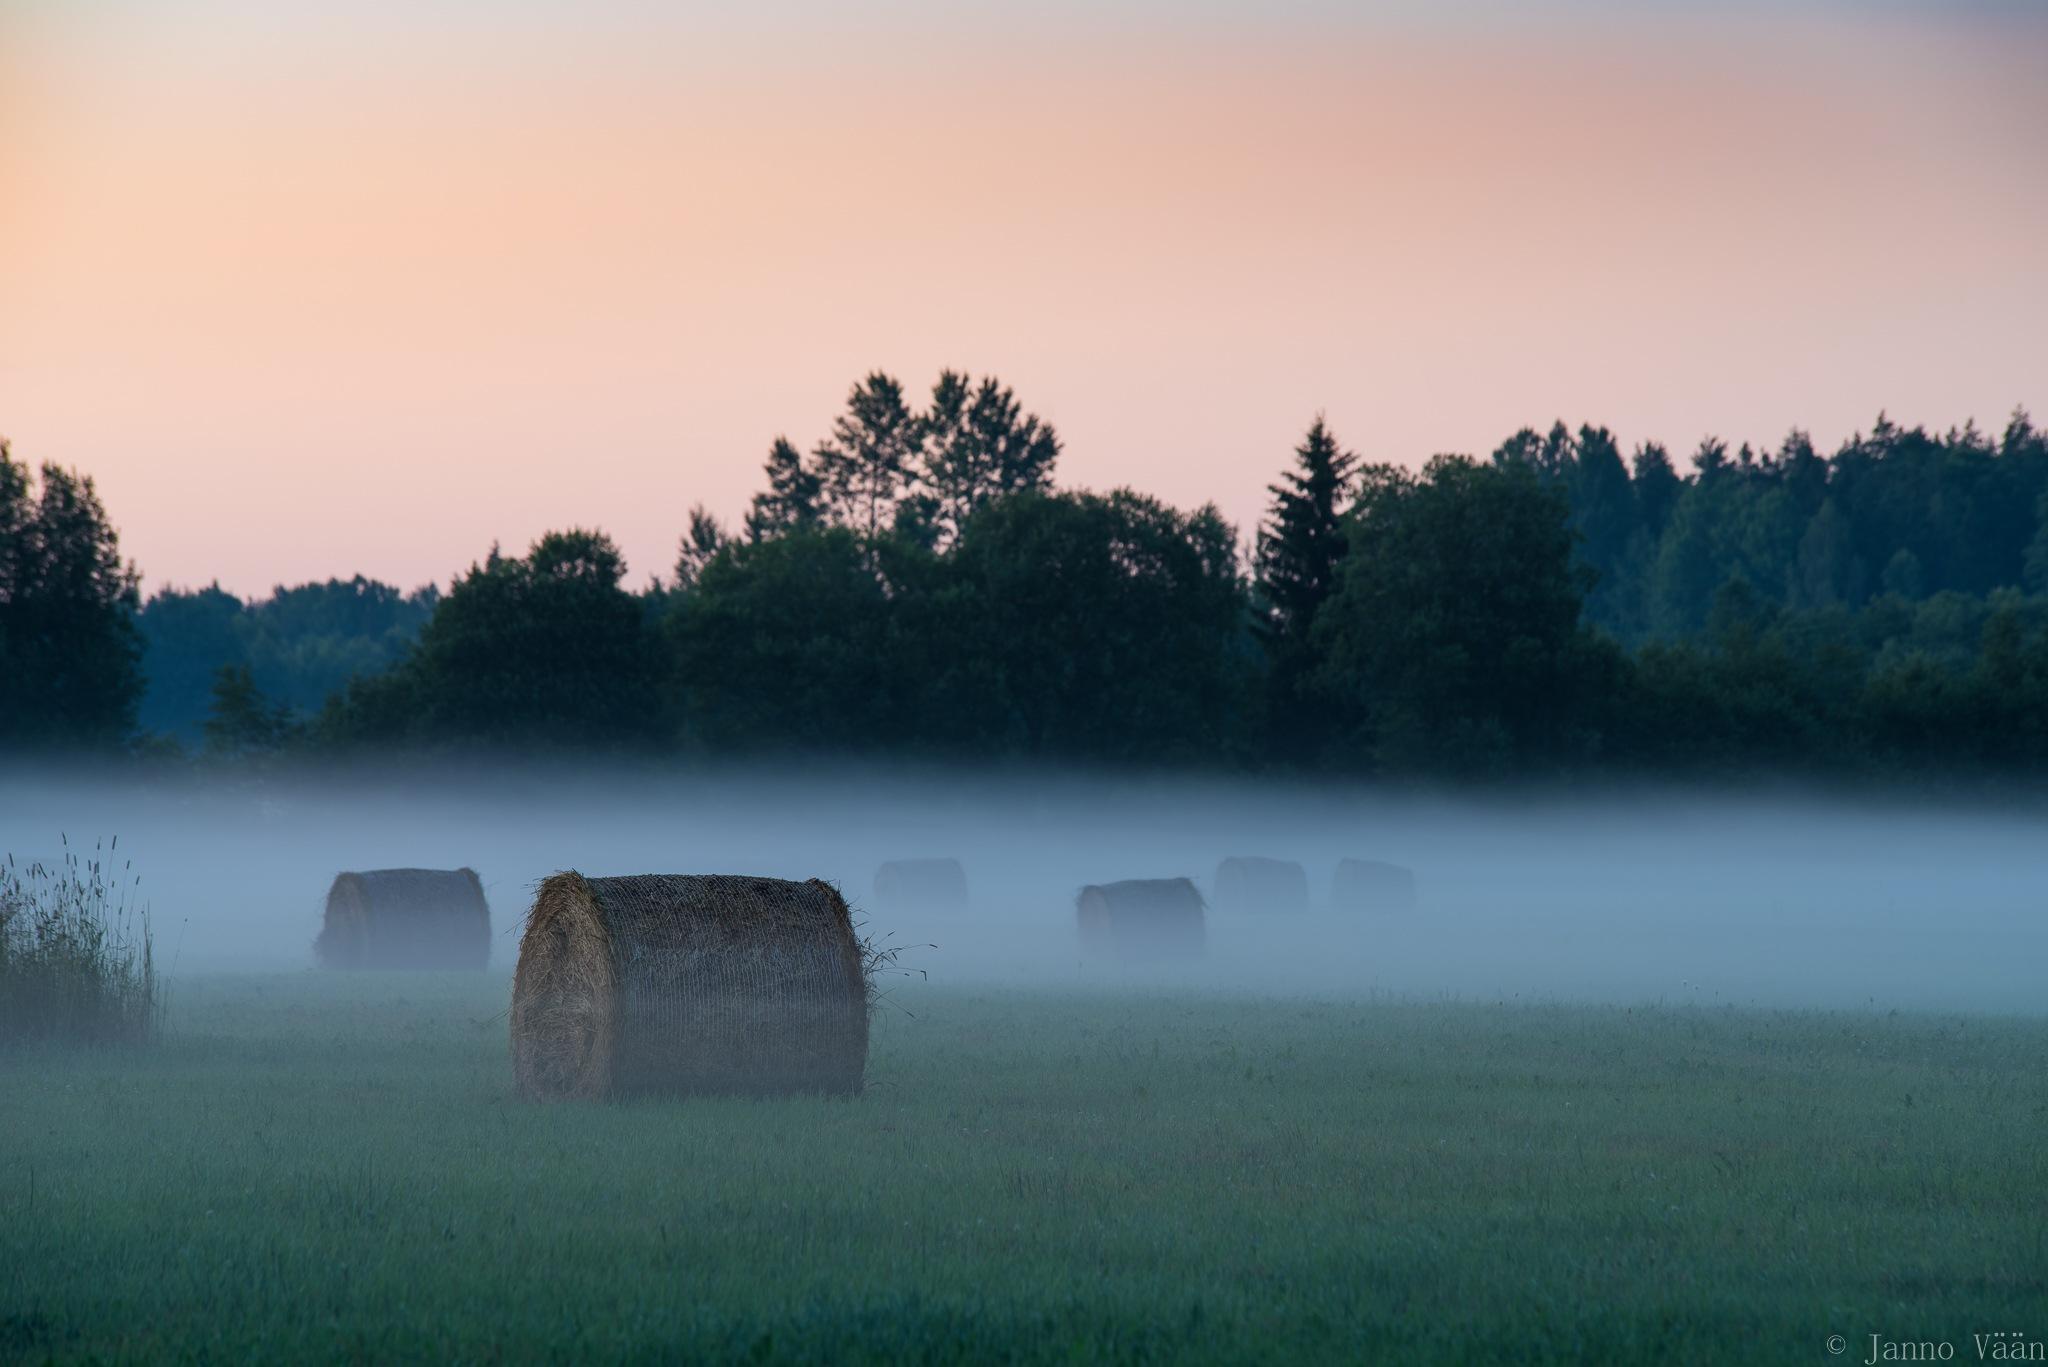 Misty evening by Janno Vään